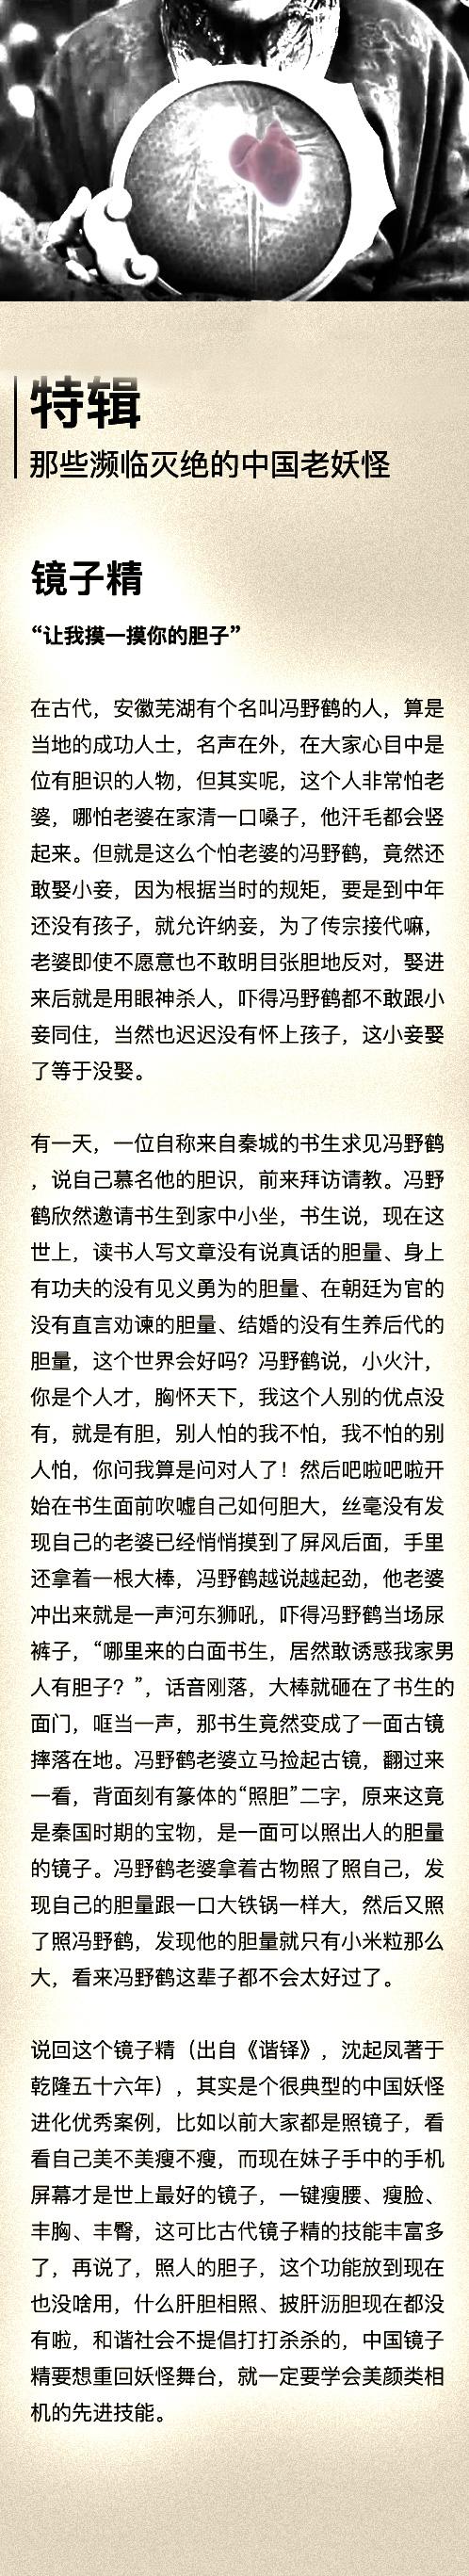 那些濒临灭绝的中国老妖怪(2)